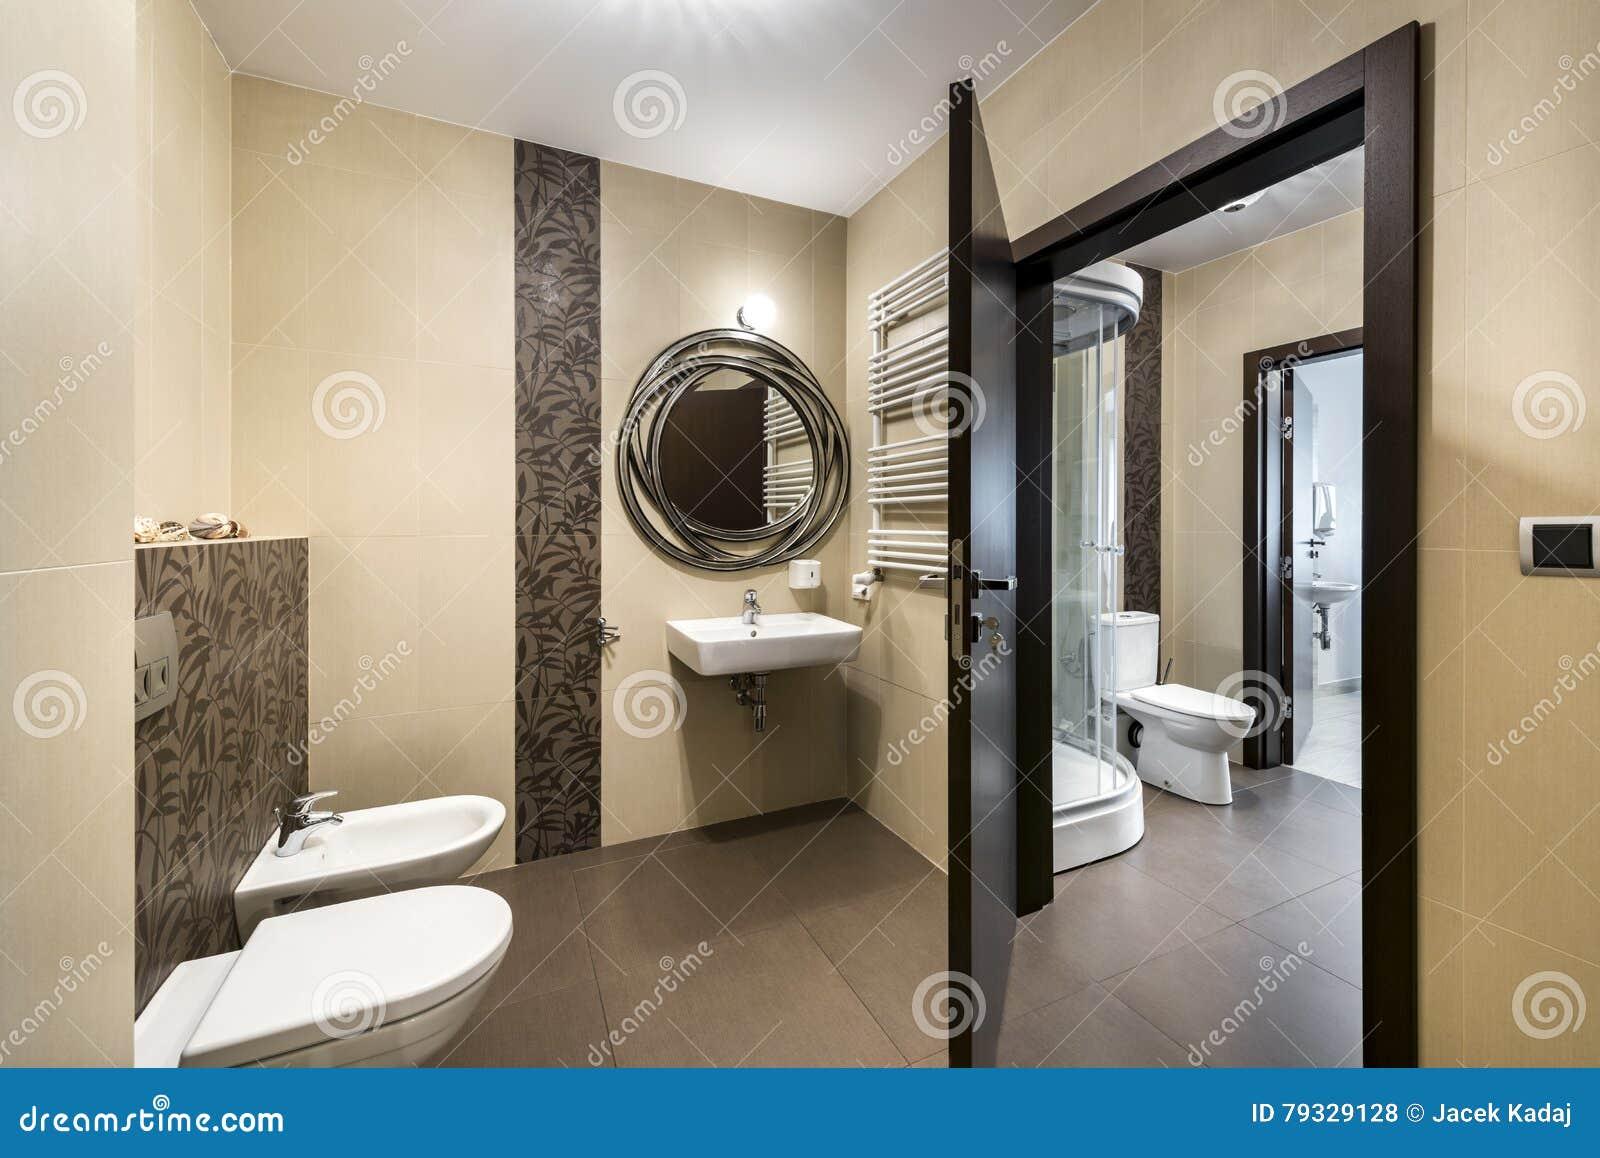 Sala Da Bagno Moderna : Disegno interno della stanza da bagno moderna fotografia stock